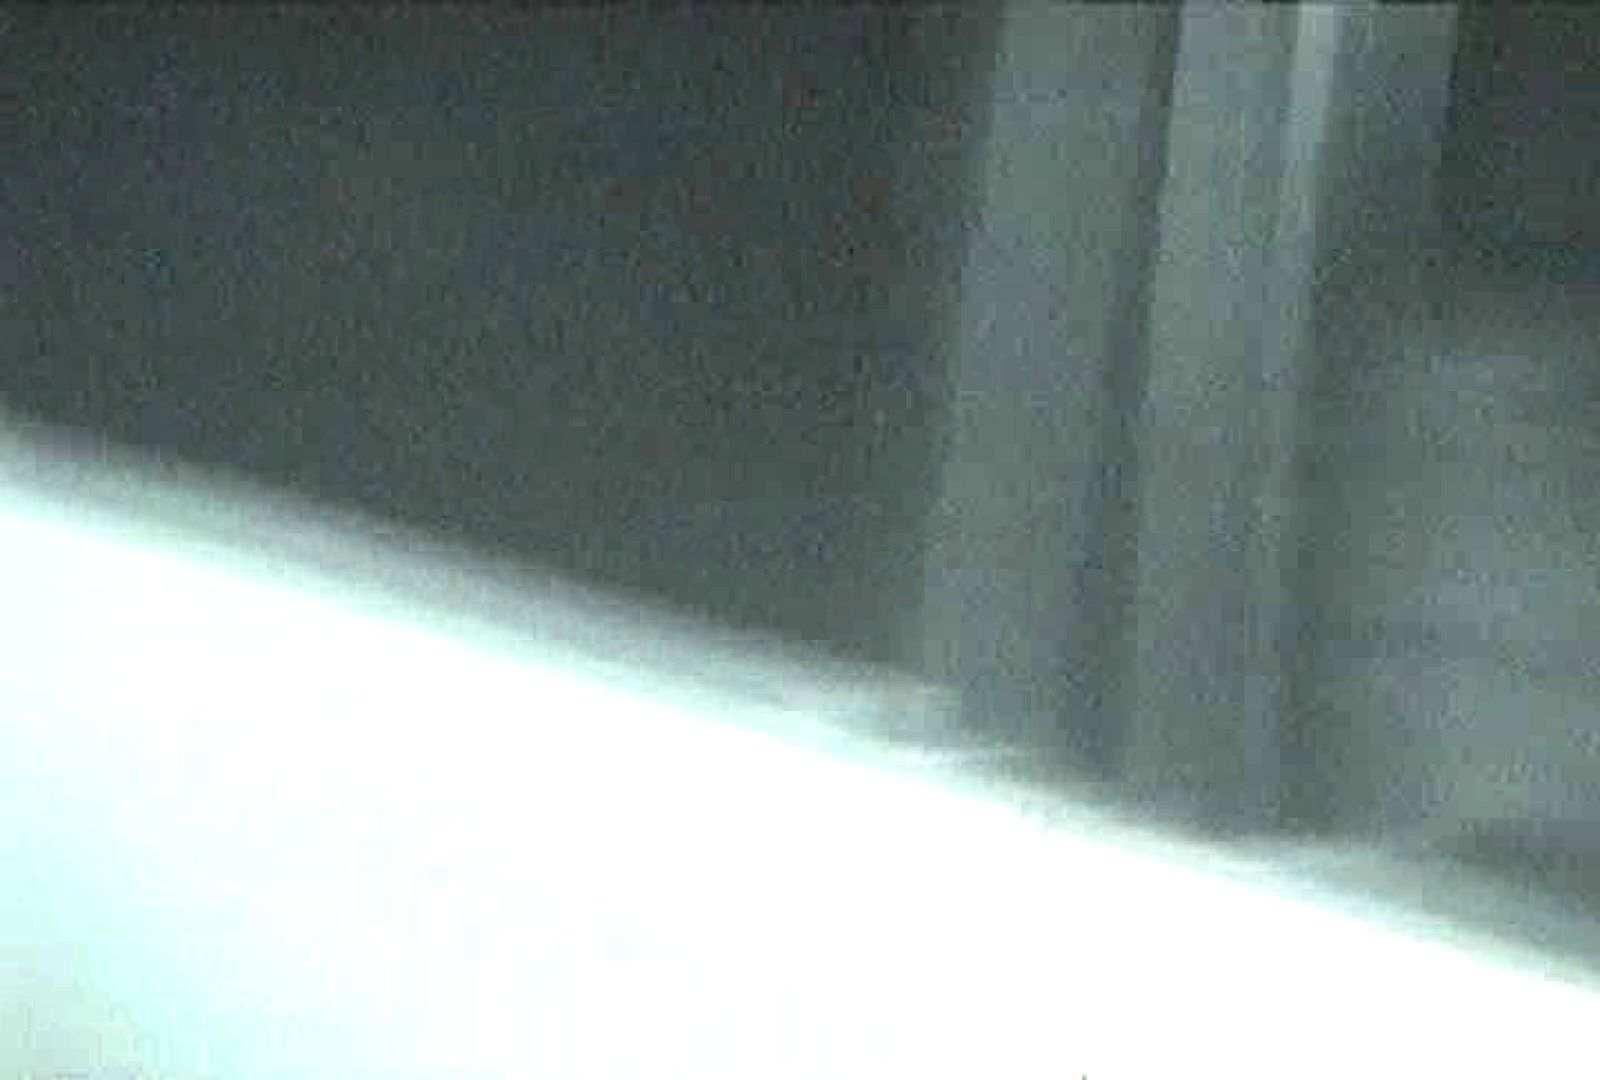 充血監督の深夜の運動会Vol.85 エッチなセックス | 車の中のカップル  100画像 31